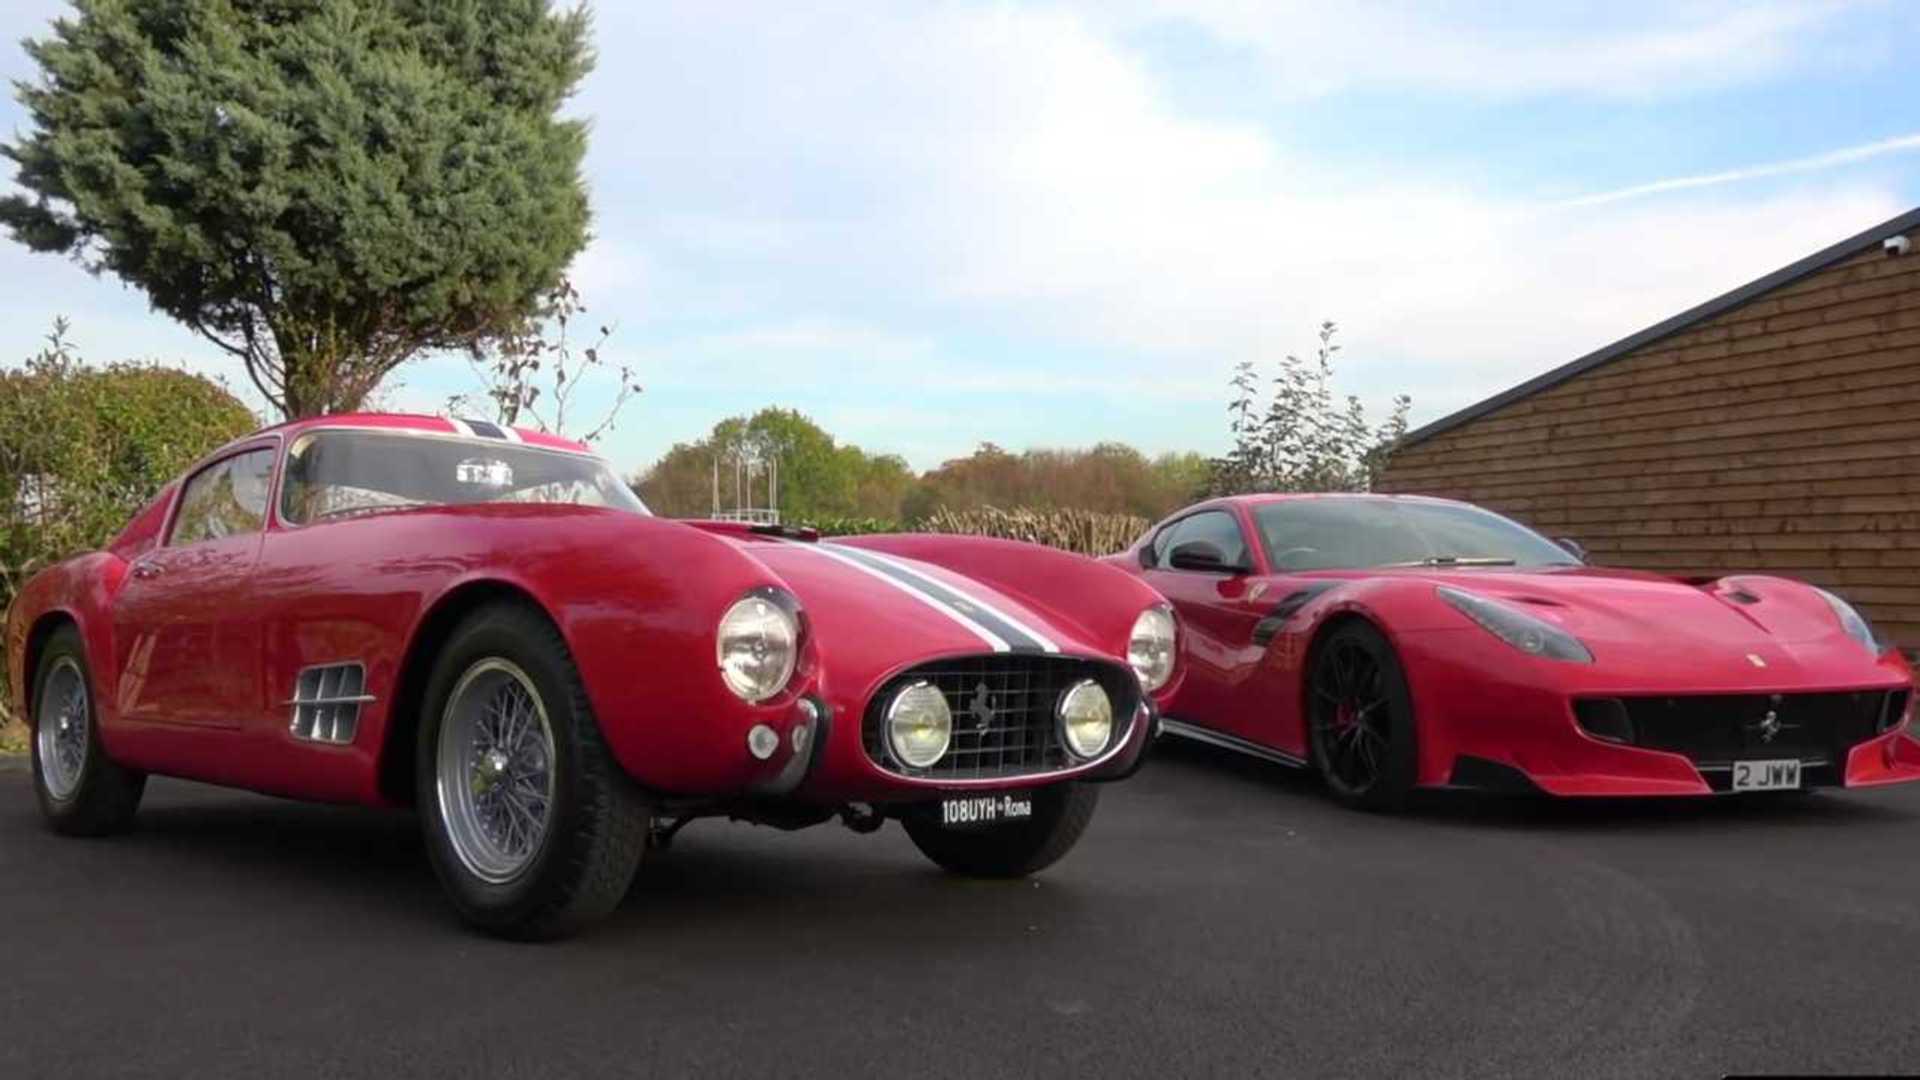 See Ferrari F12tdf Meet The Original Tour De France